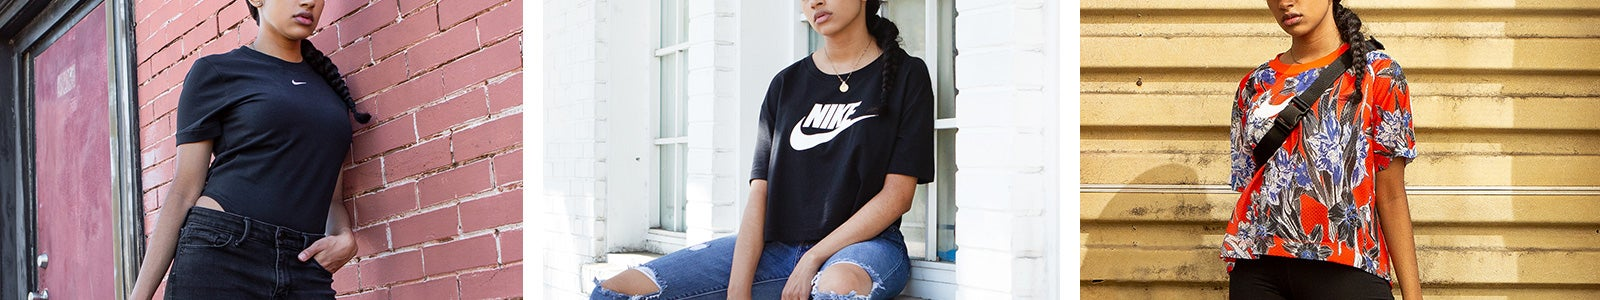 2e91398345a Women s apparel